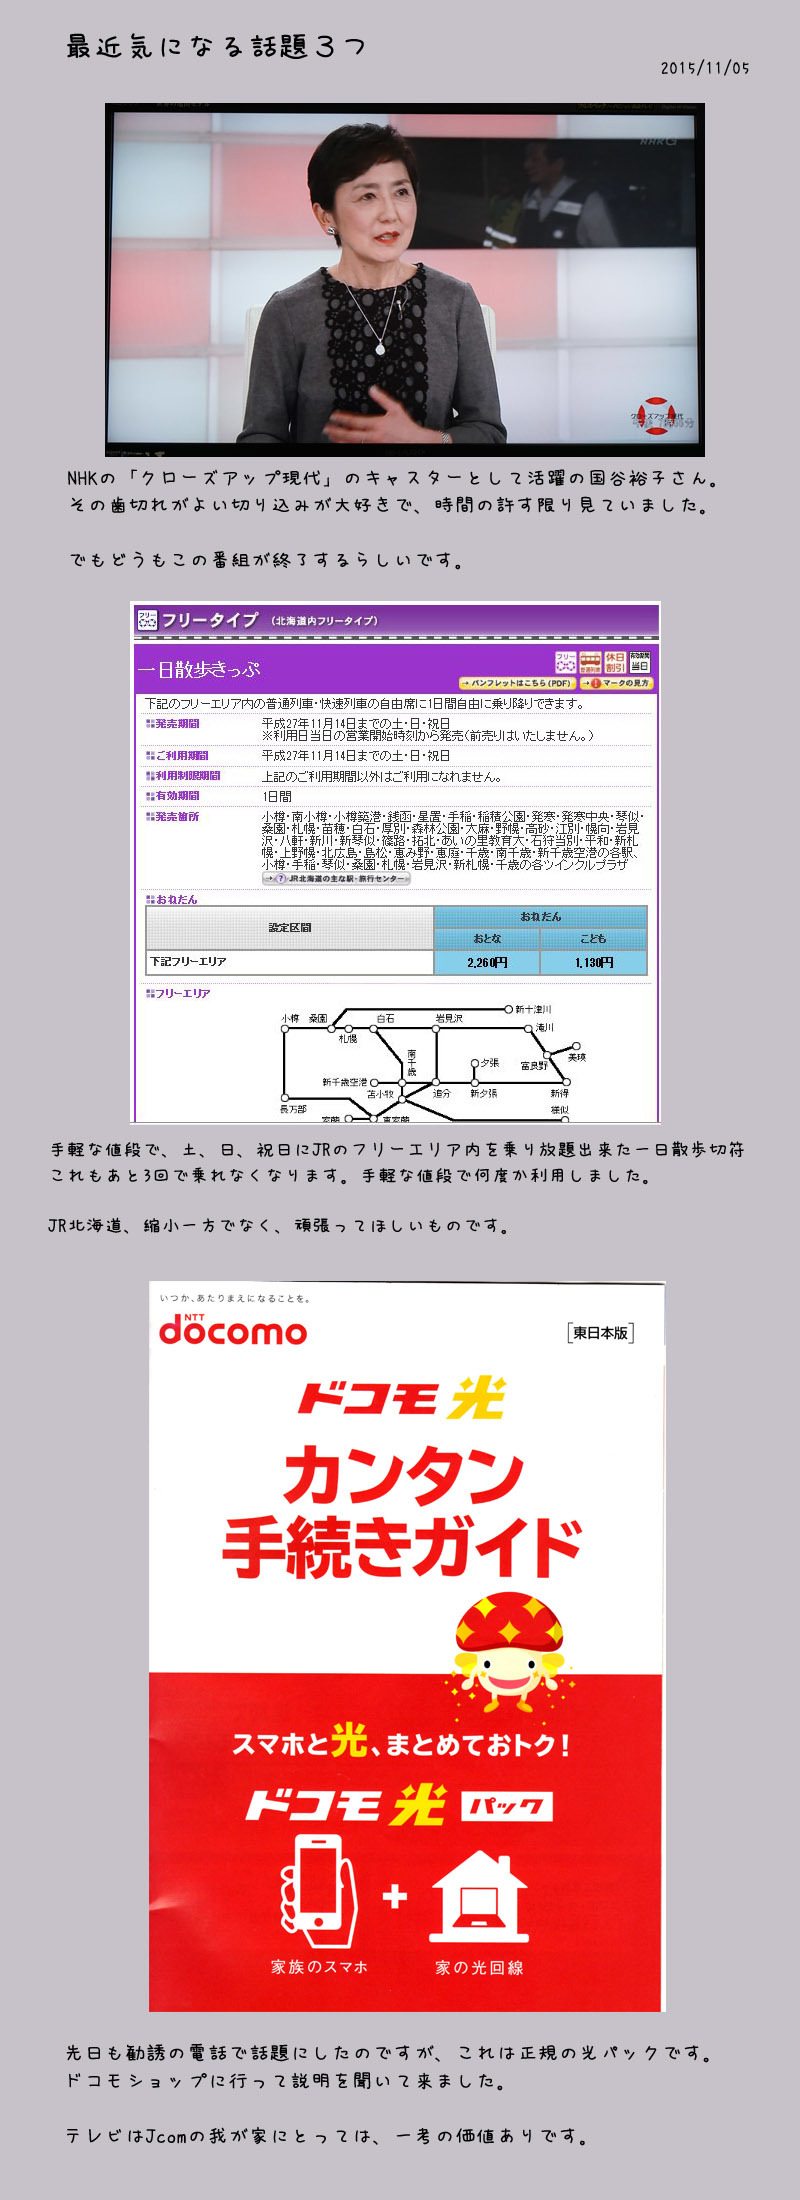 b0019313_17203917.jpg